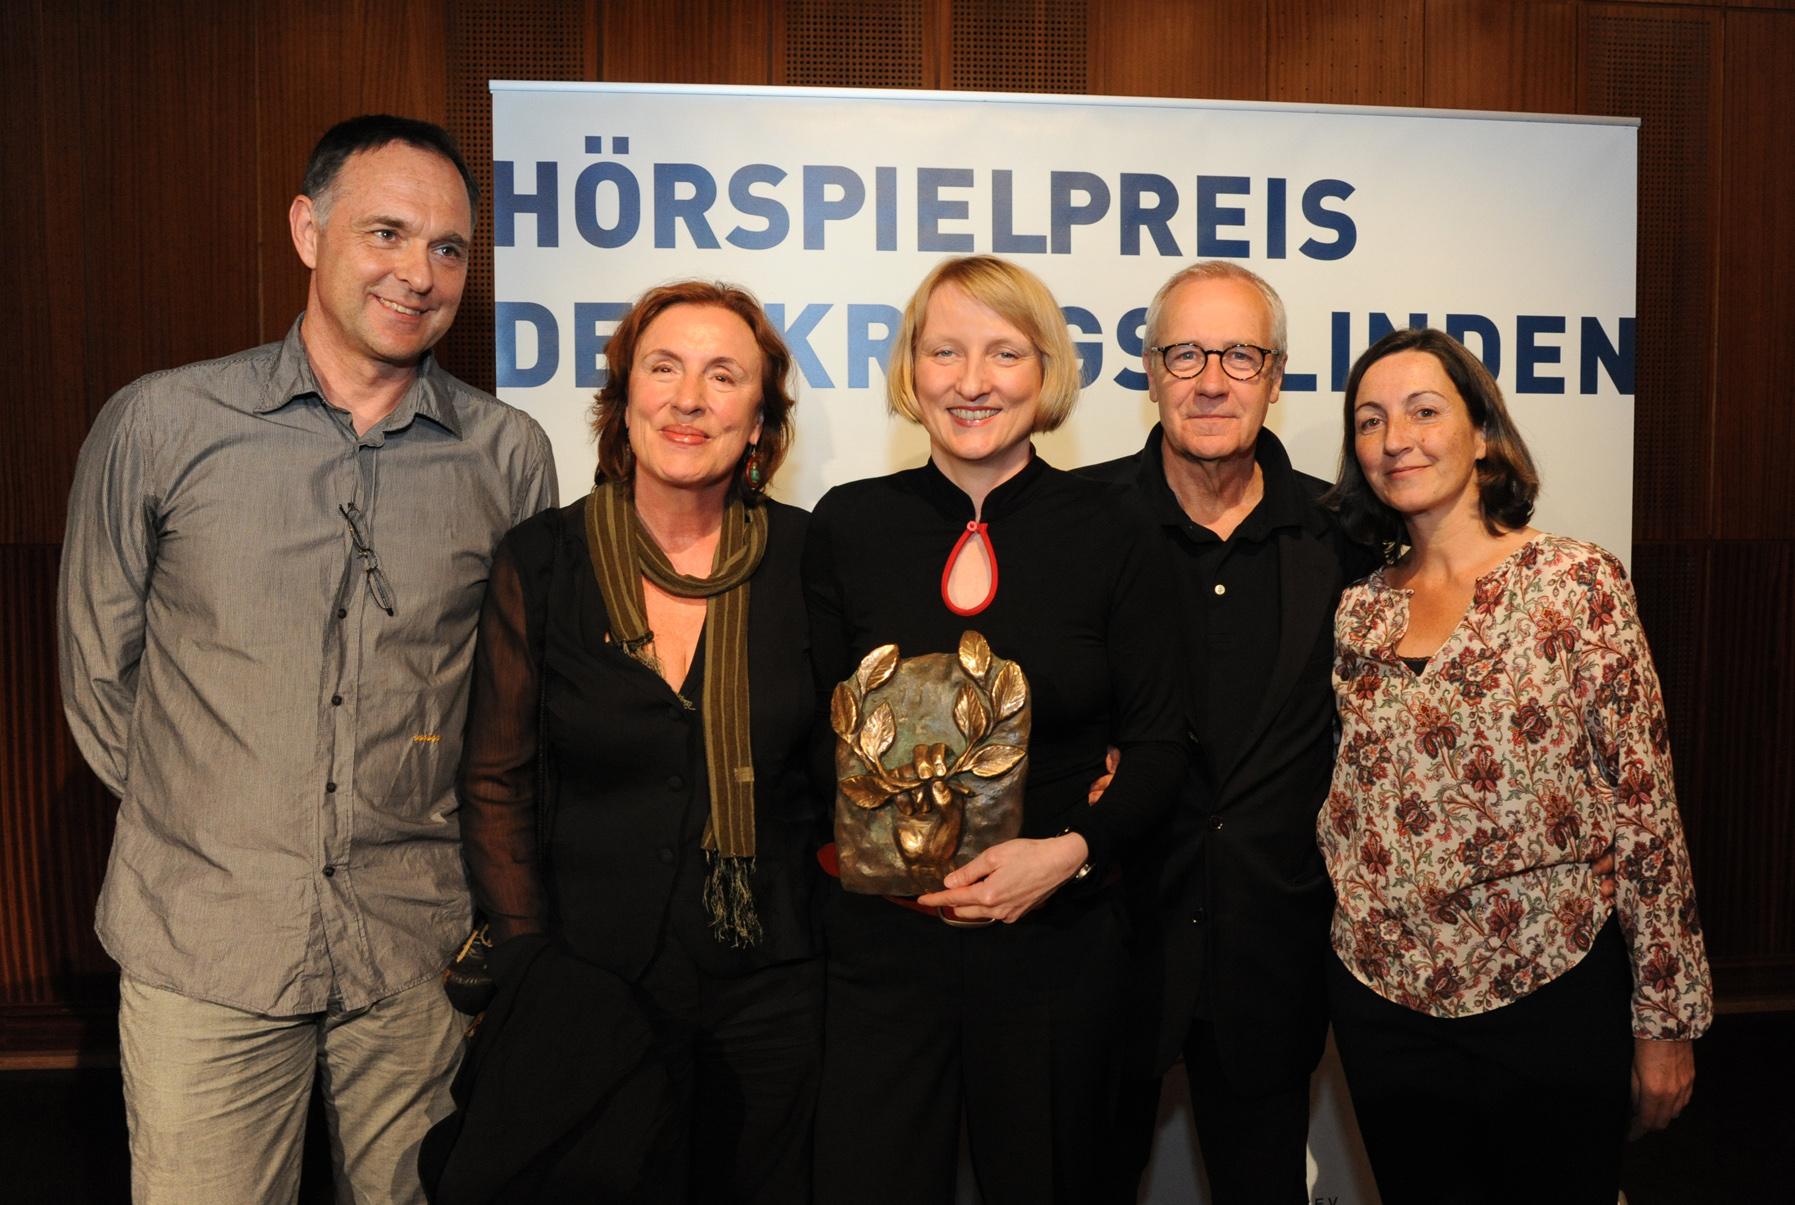 Pierre Oser, Elisabeth Panknin, Gesine Schmidt, Walter, Adler, Martina Müller-Wallraf. Foto: Dieter Anschlag